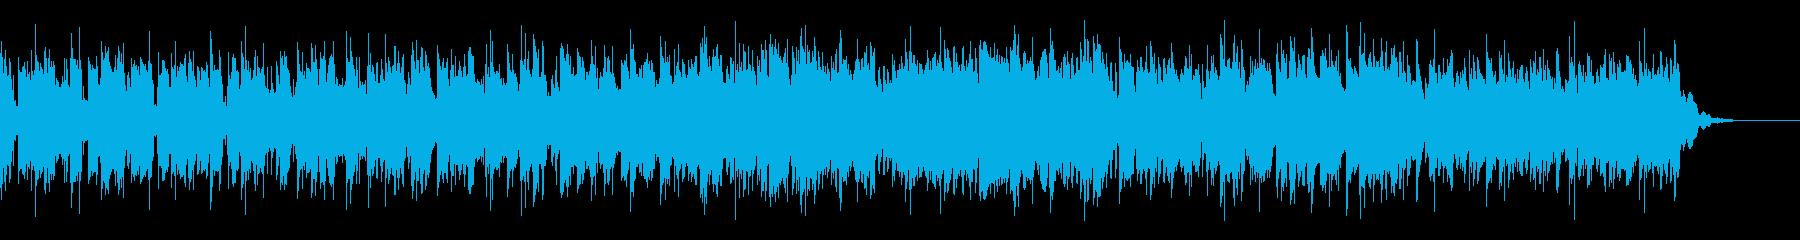 シンセとエレピの緊迫感・ダンジョン風の再生済みの波形